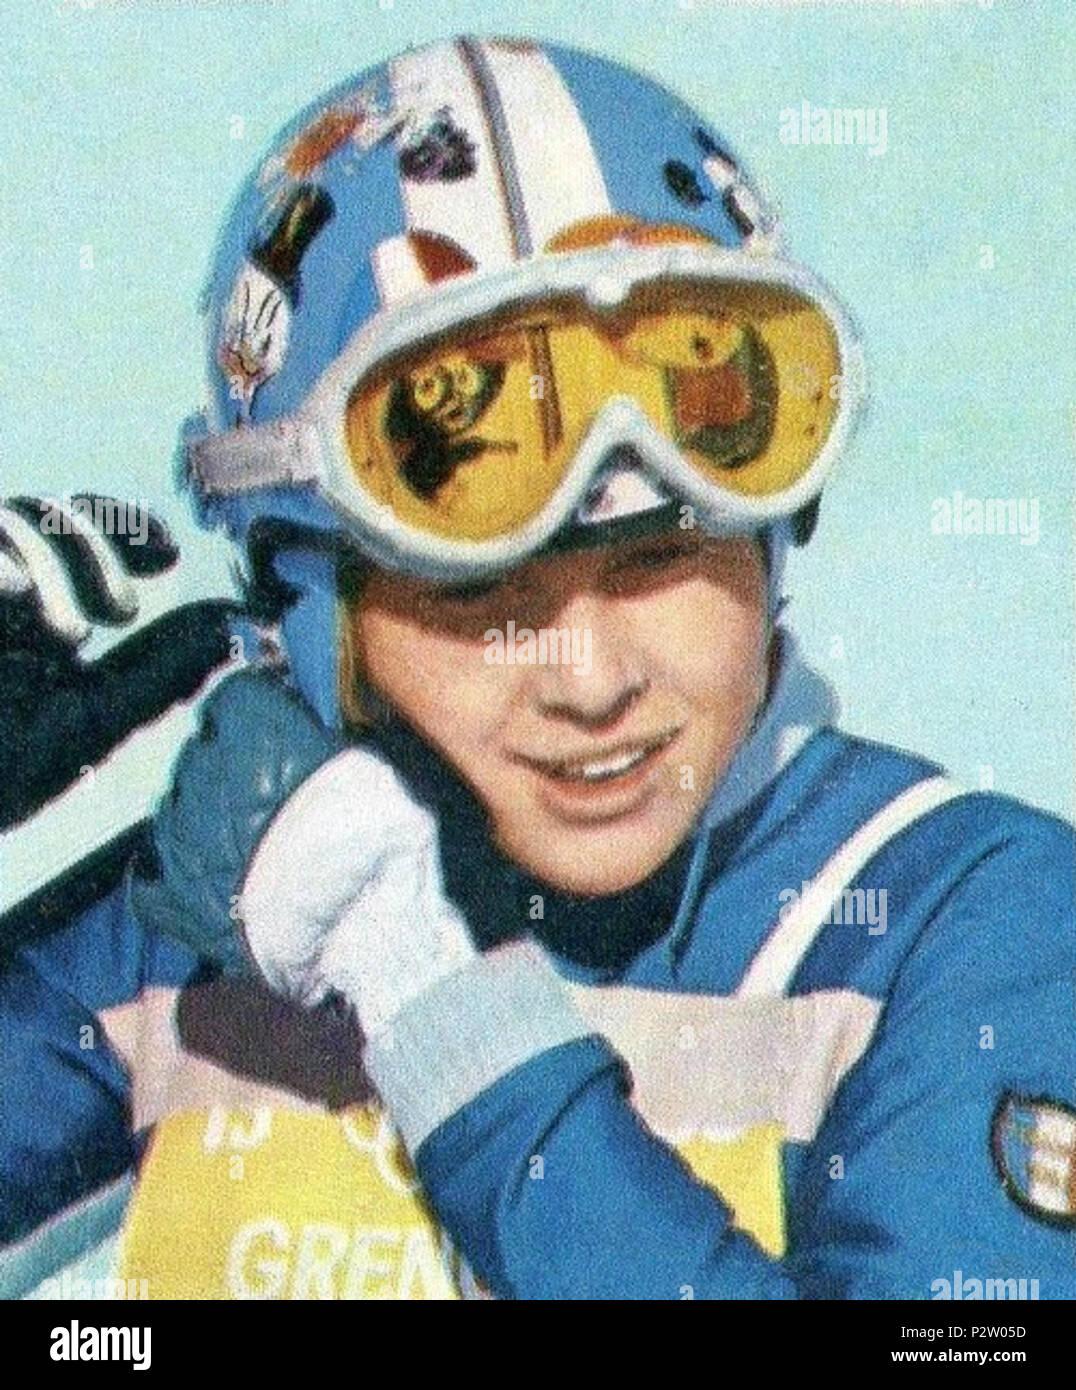 . CAMPIONI dello SPORT 1968/69-n.353- STEURER - SPORT INVERNALI (FRA)-Rec . 1968 or earlier. Unknown 29 Florence Steurer 1968 - Stock Image